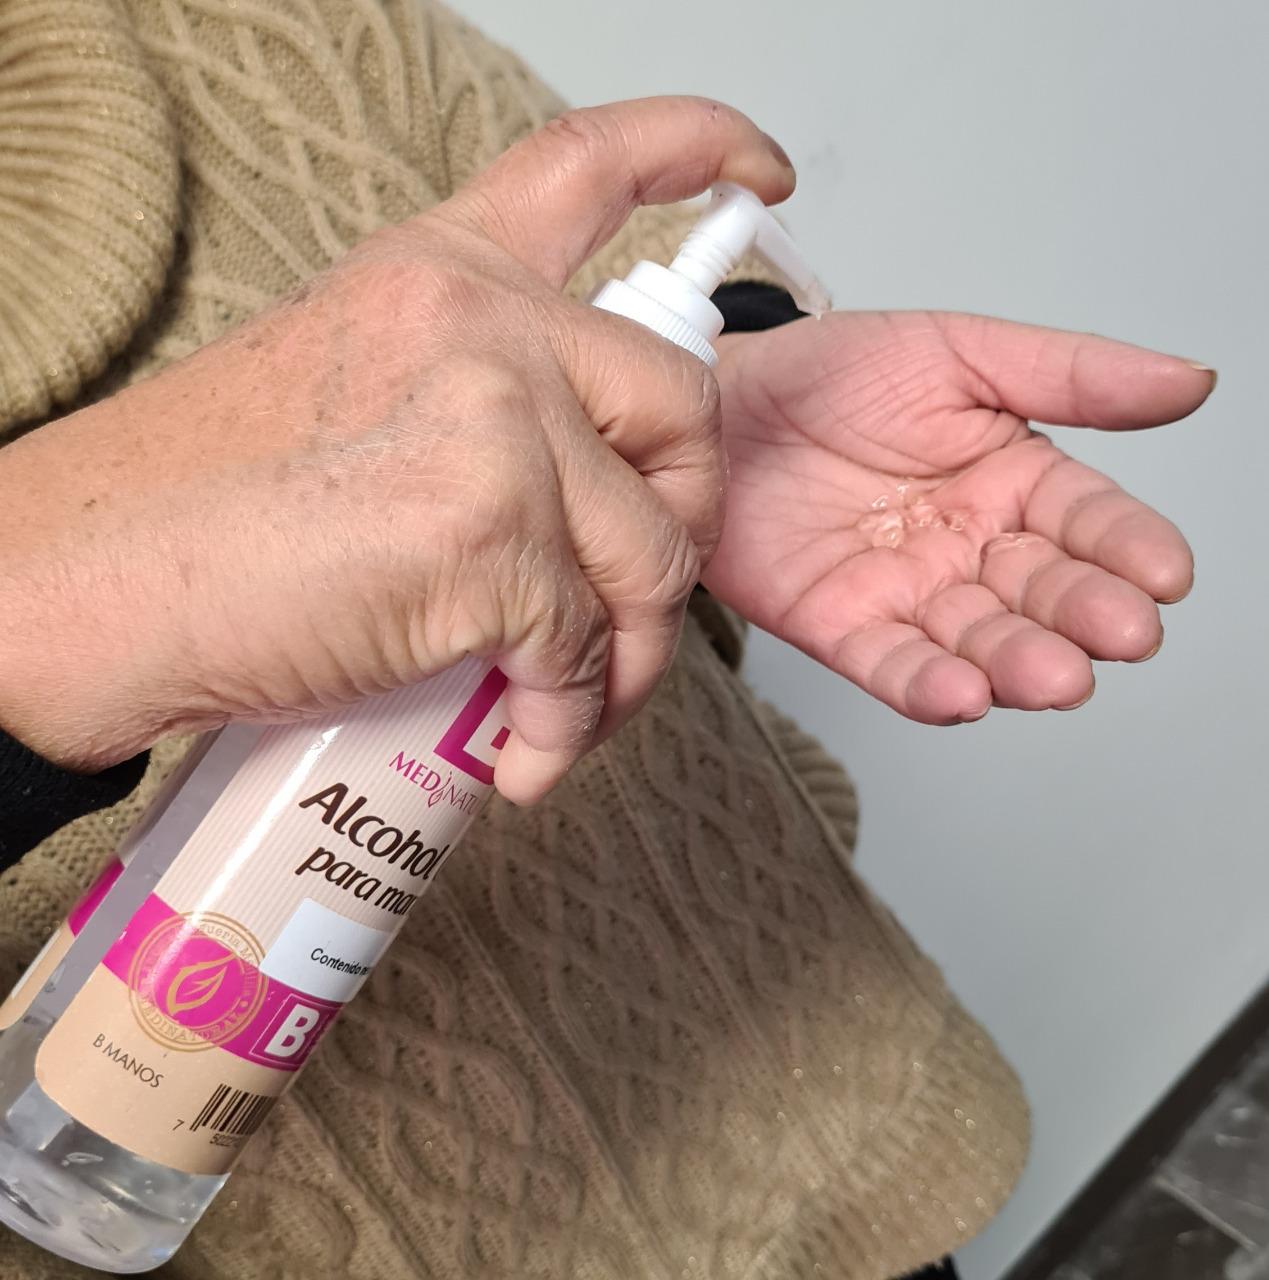 Uso de gel antibacterial no suple lavado de manos